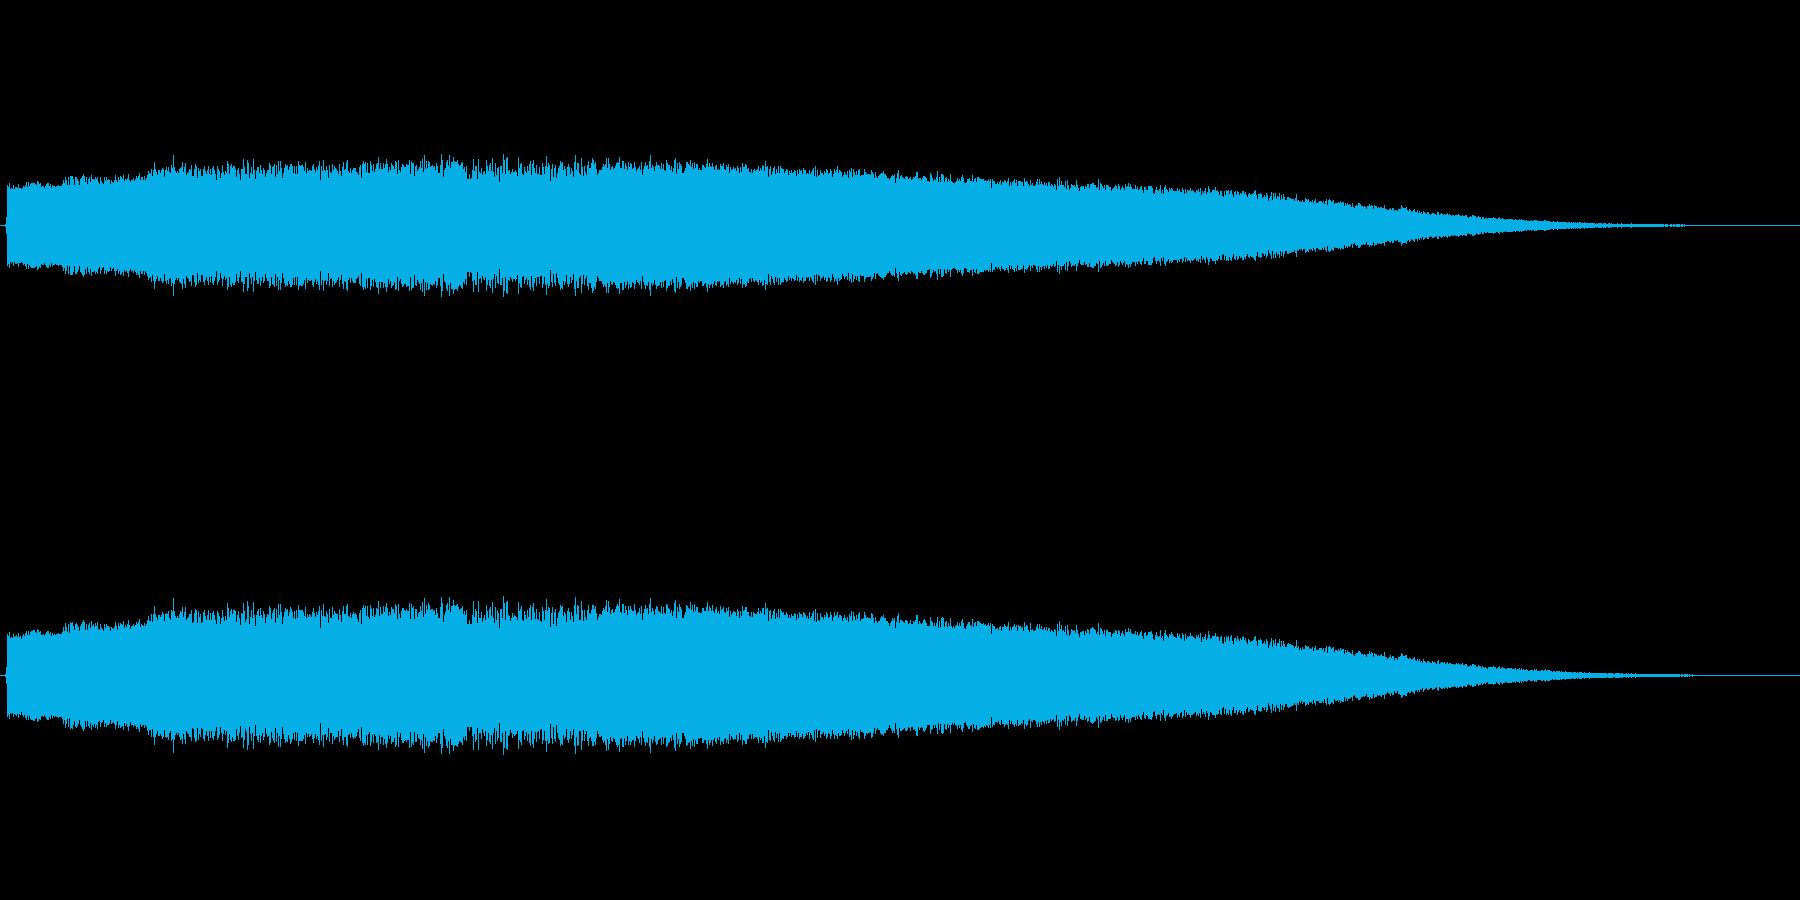 レーザービームの様な音色のサウンドロゴの再生済みの波形